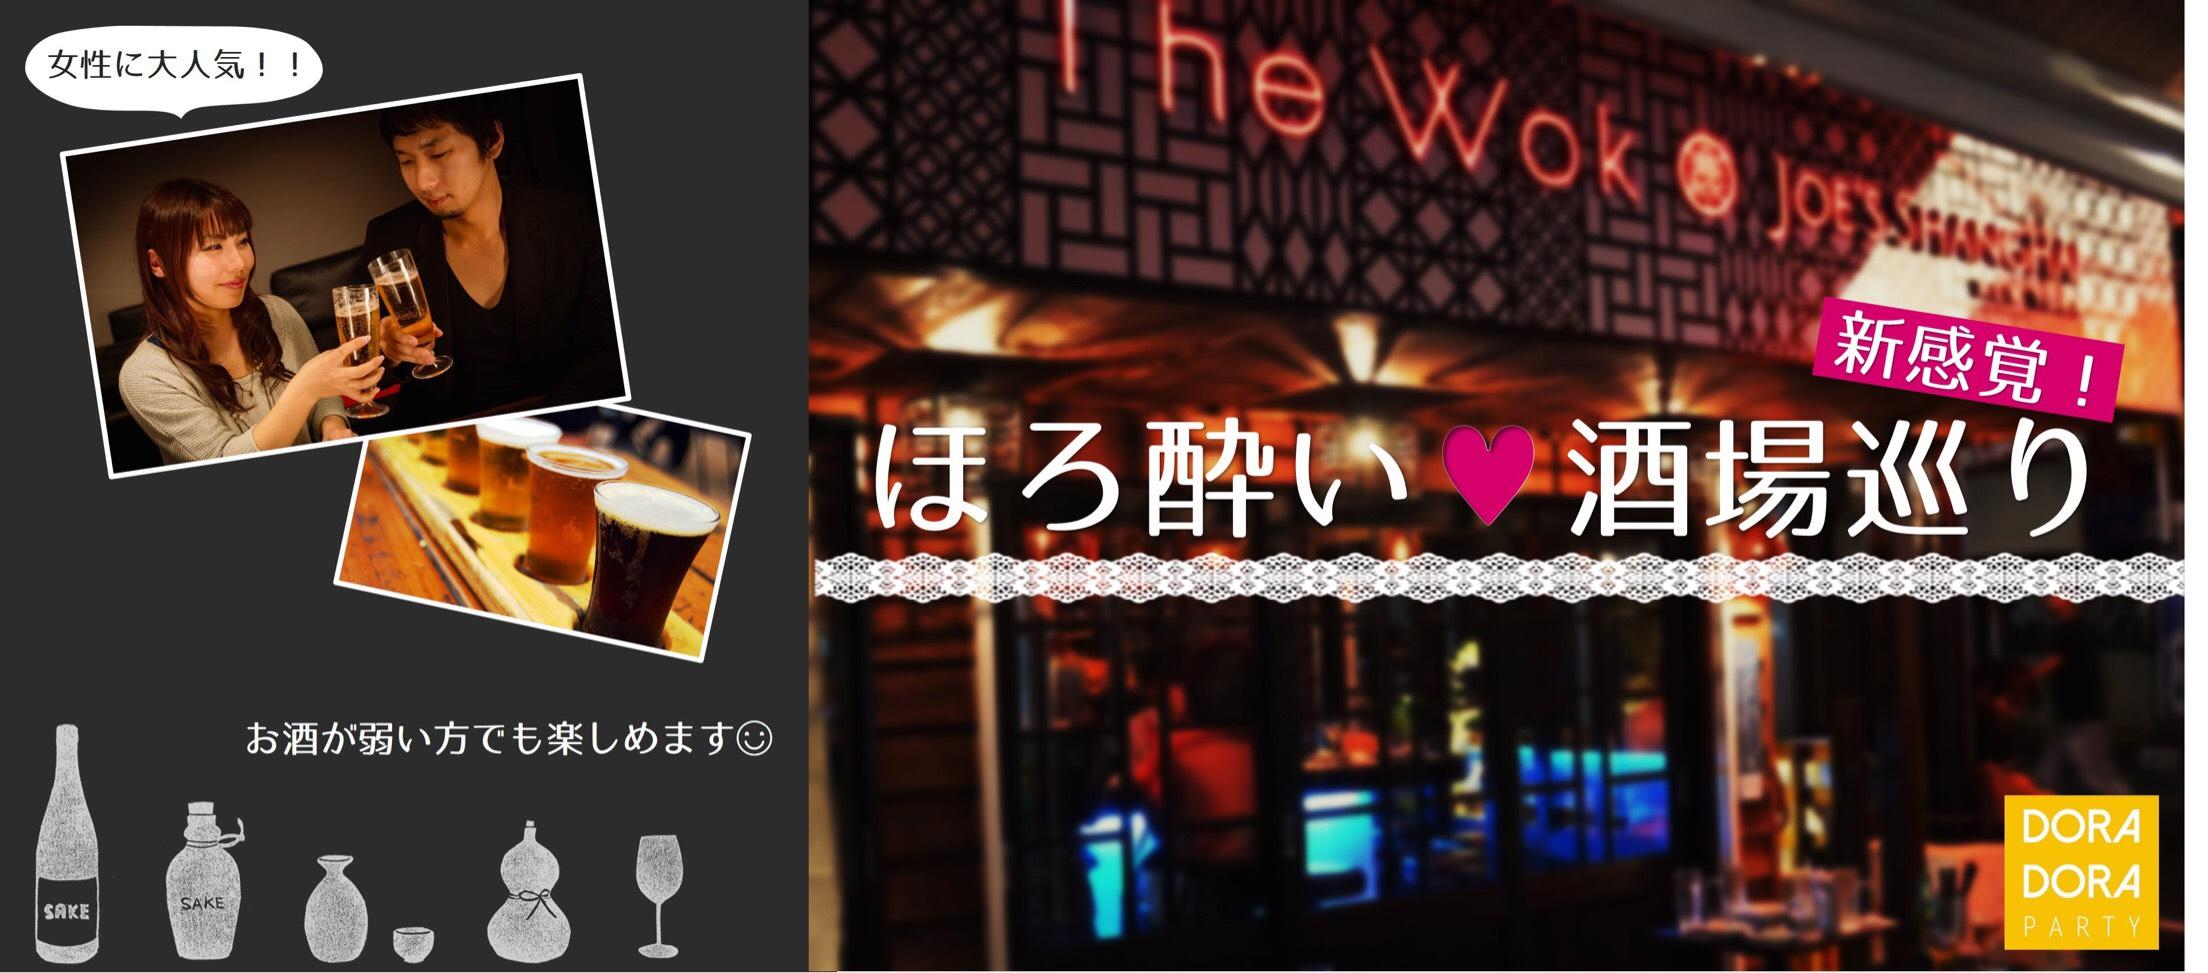 3/10 新橋 20代限定!遂にやってきました!!  新感覚!!新橋で「グルメ×出会い」を楽しめる女性に優しいほろ酔い酒場巡りコン☆